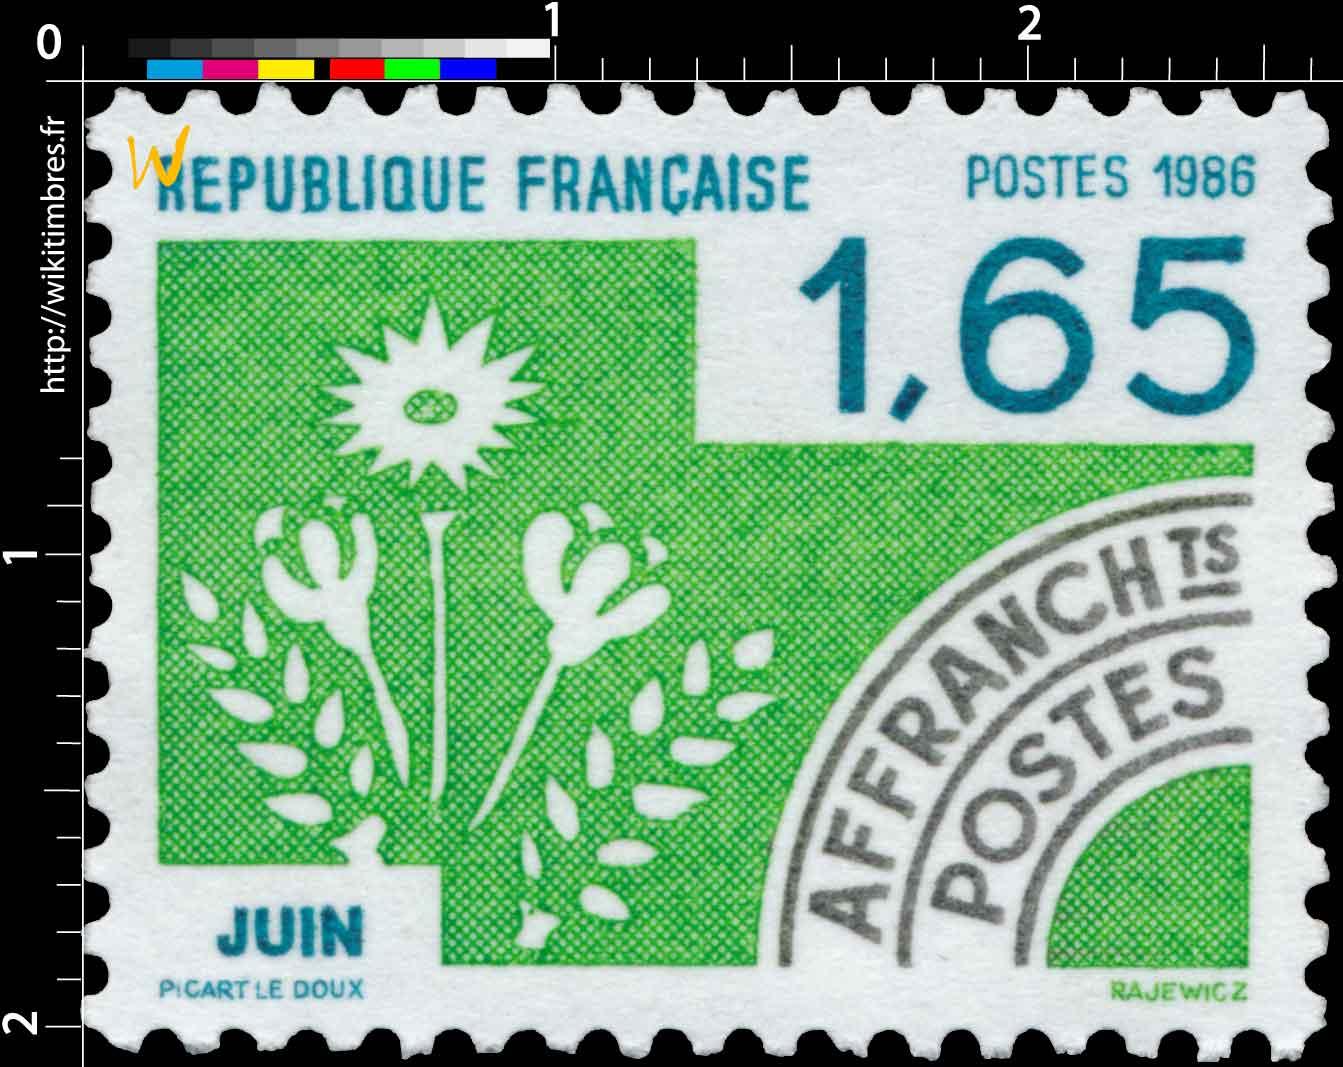 1986 JUIN